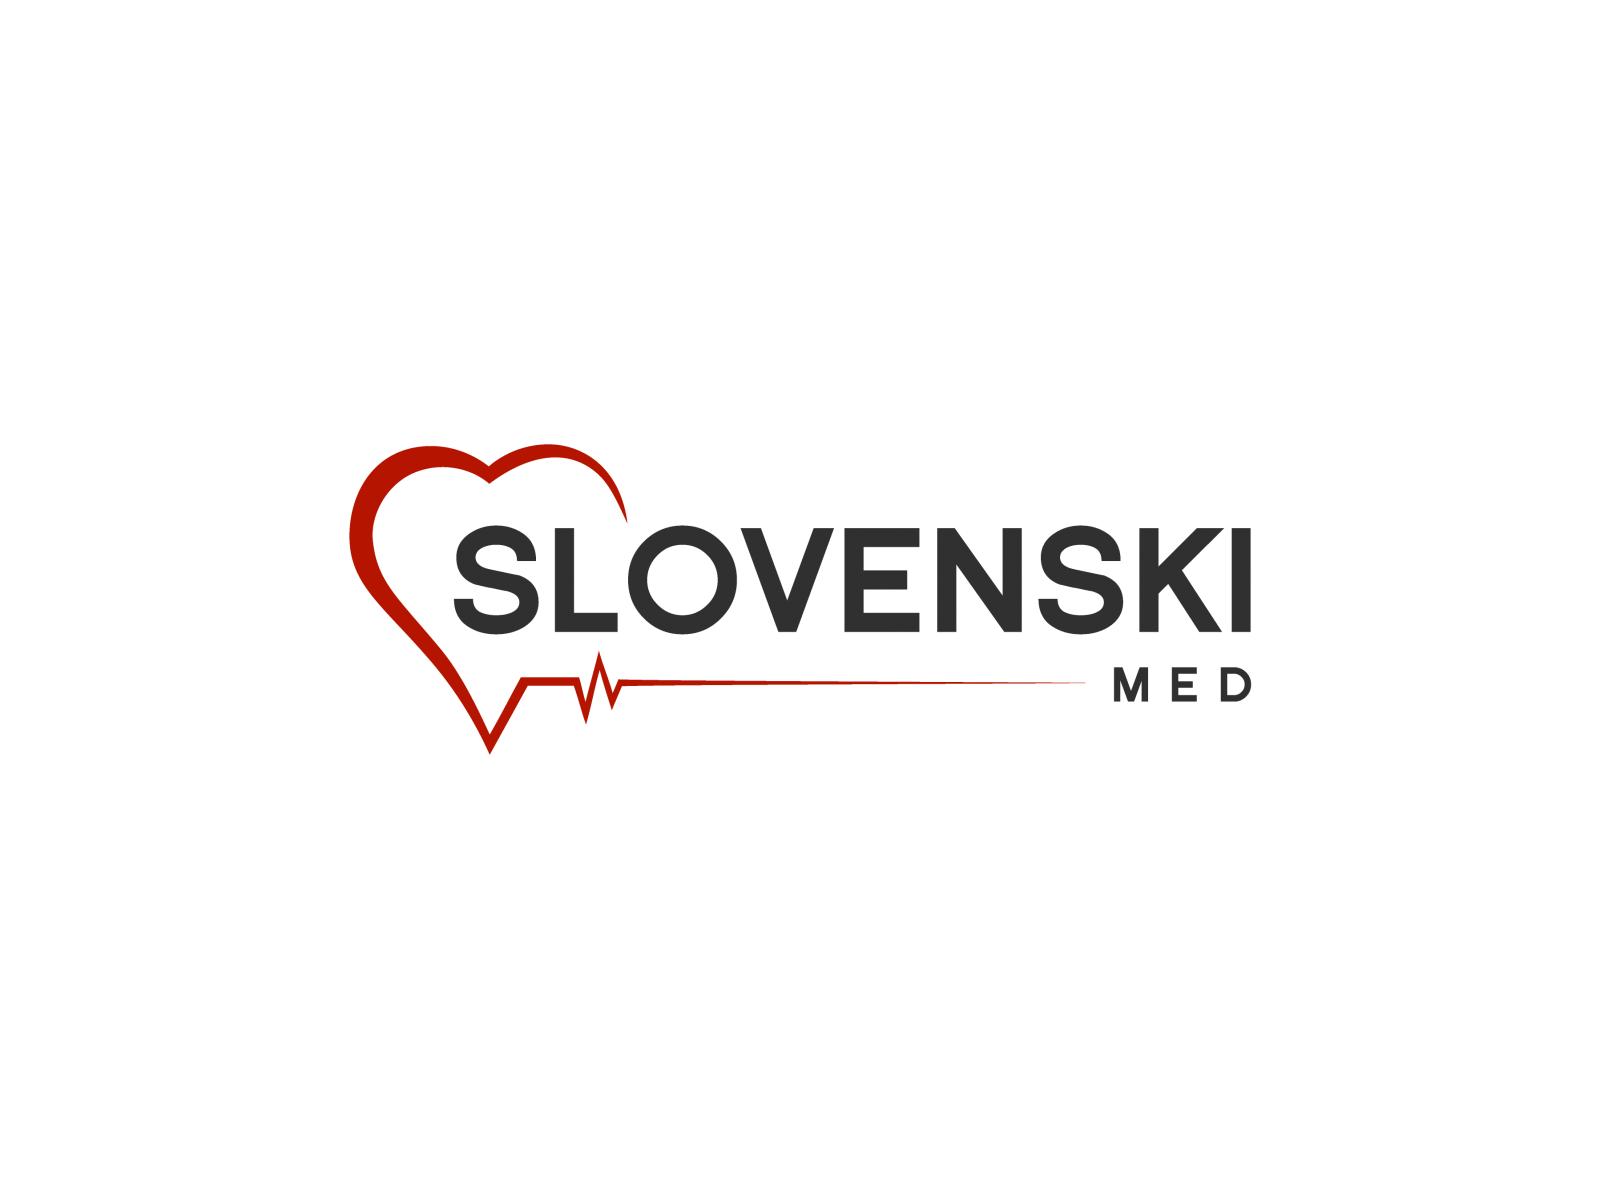 SLOVENSKI MED - logo-slovenski.png